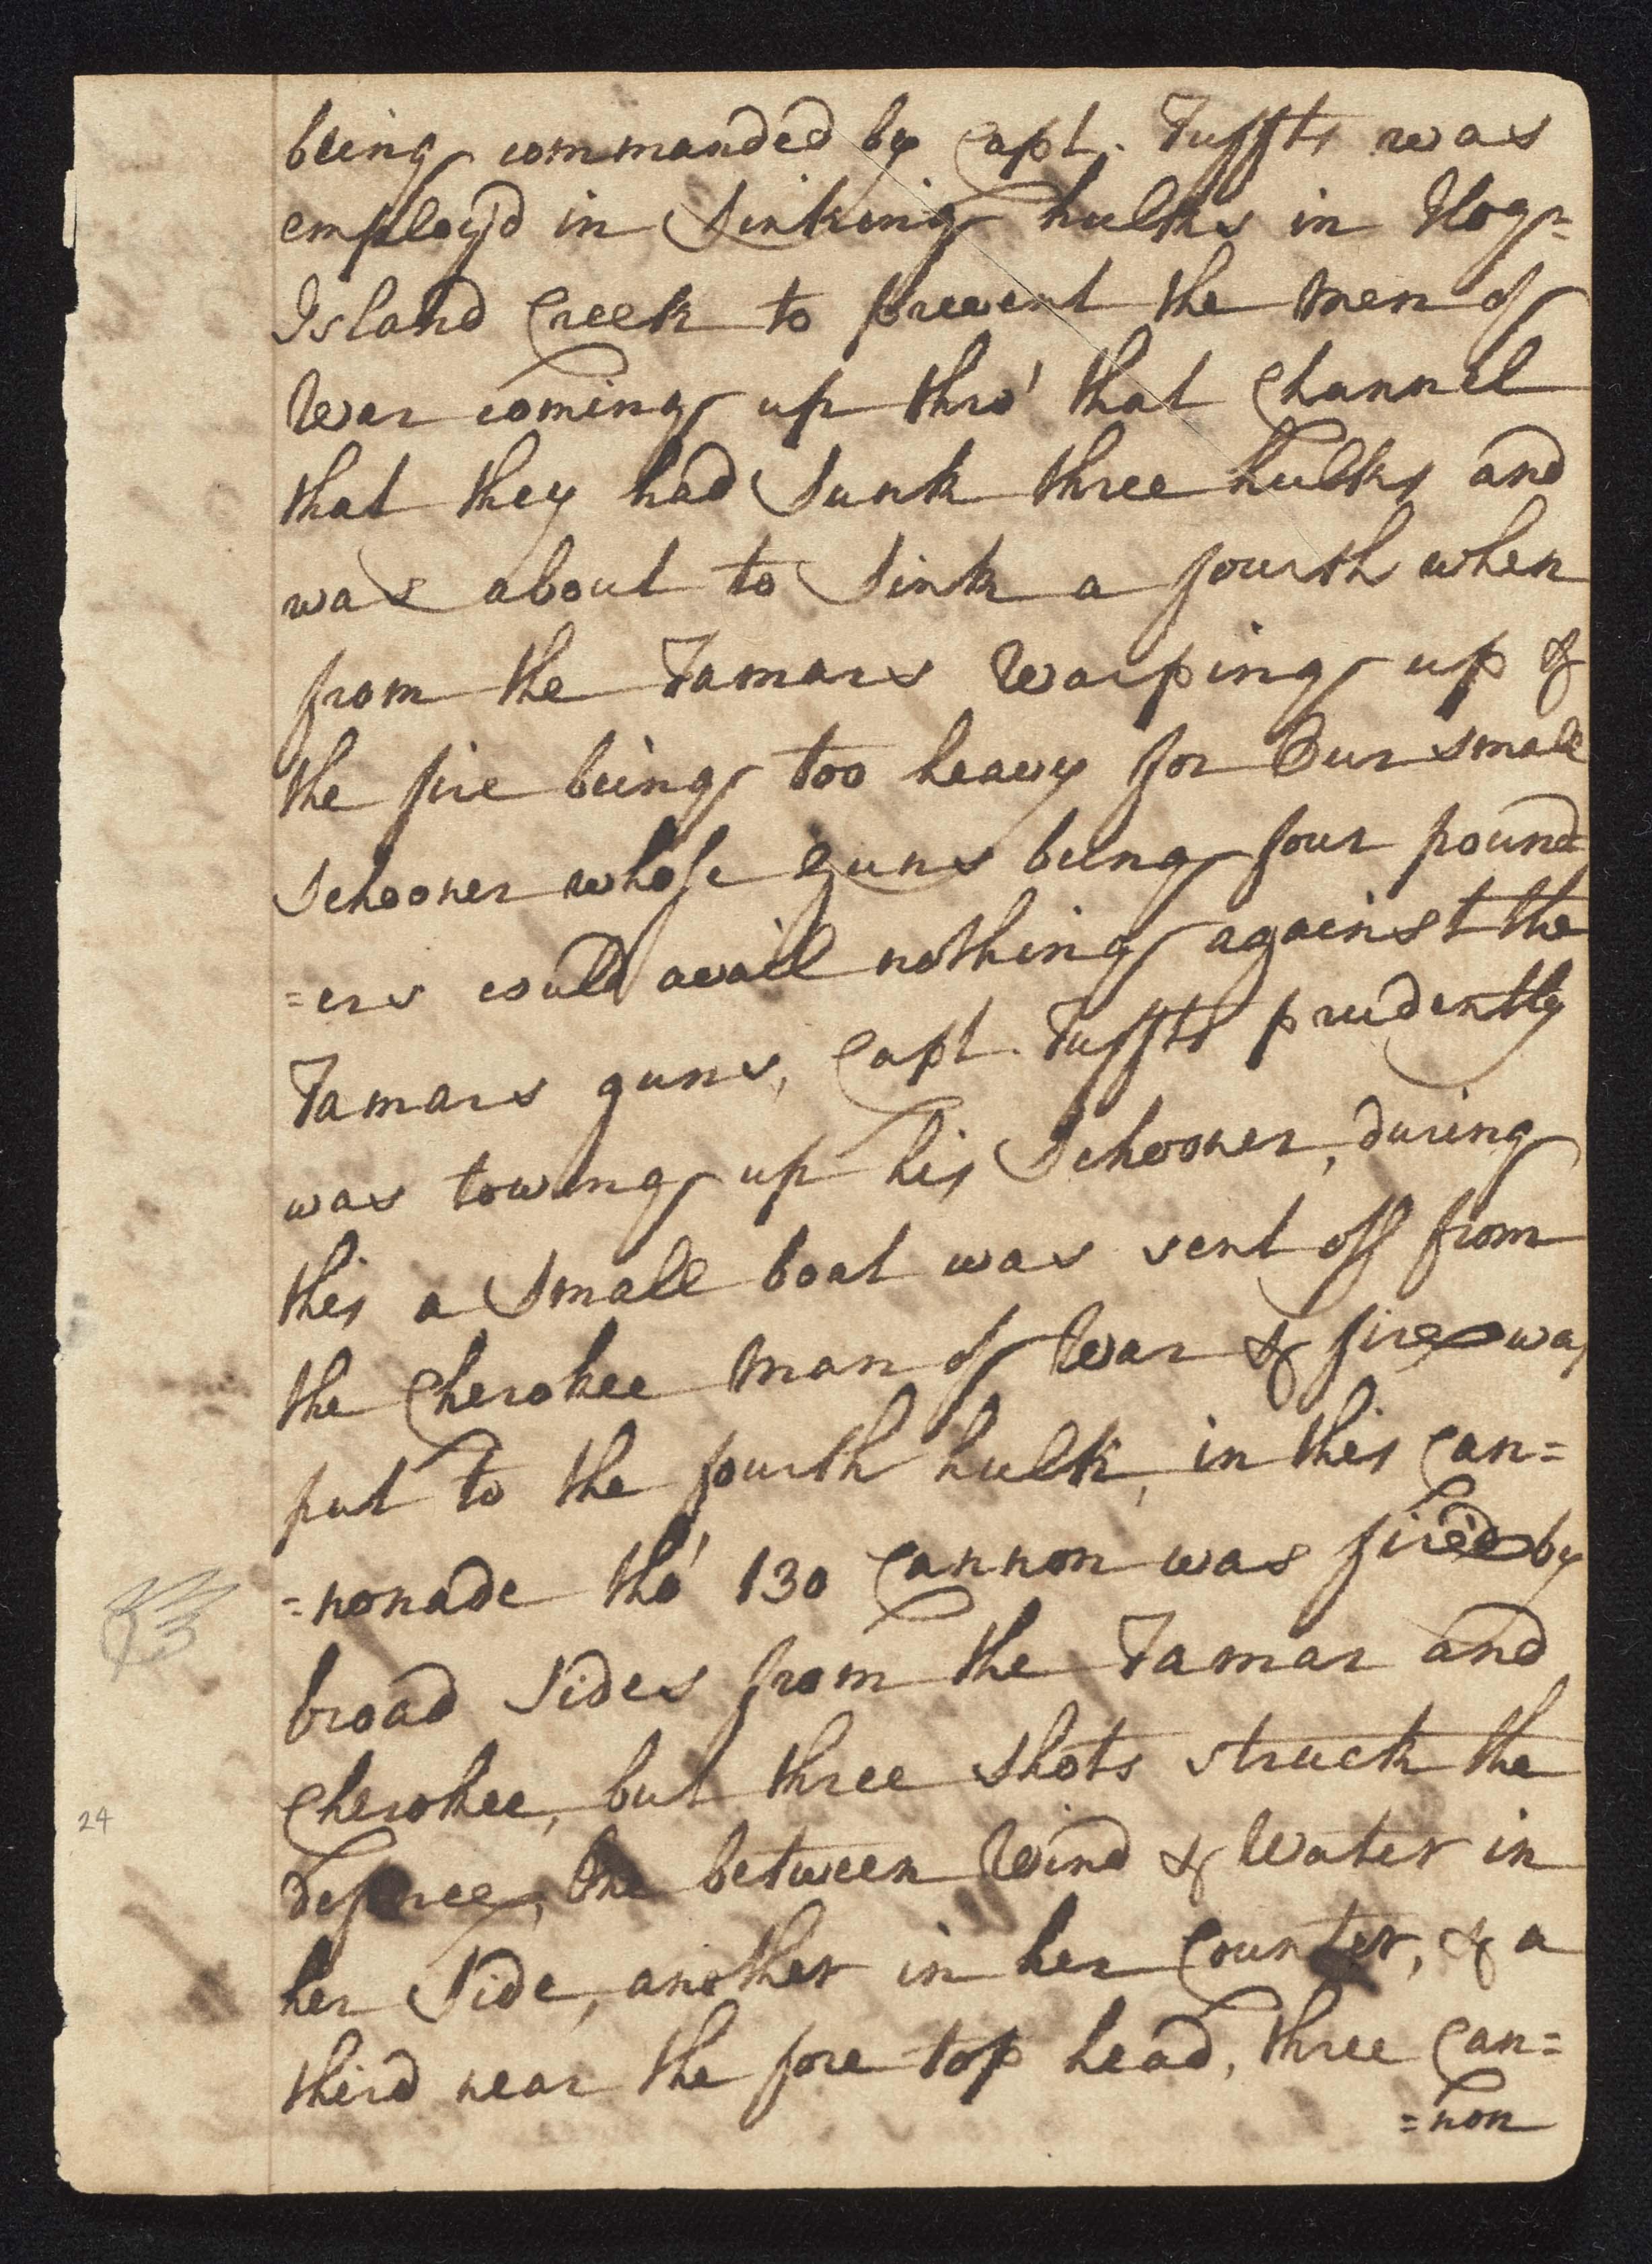 South Carolina Regiment Order Book, Page 47